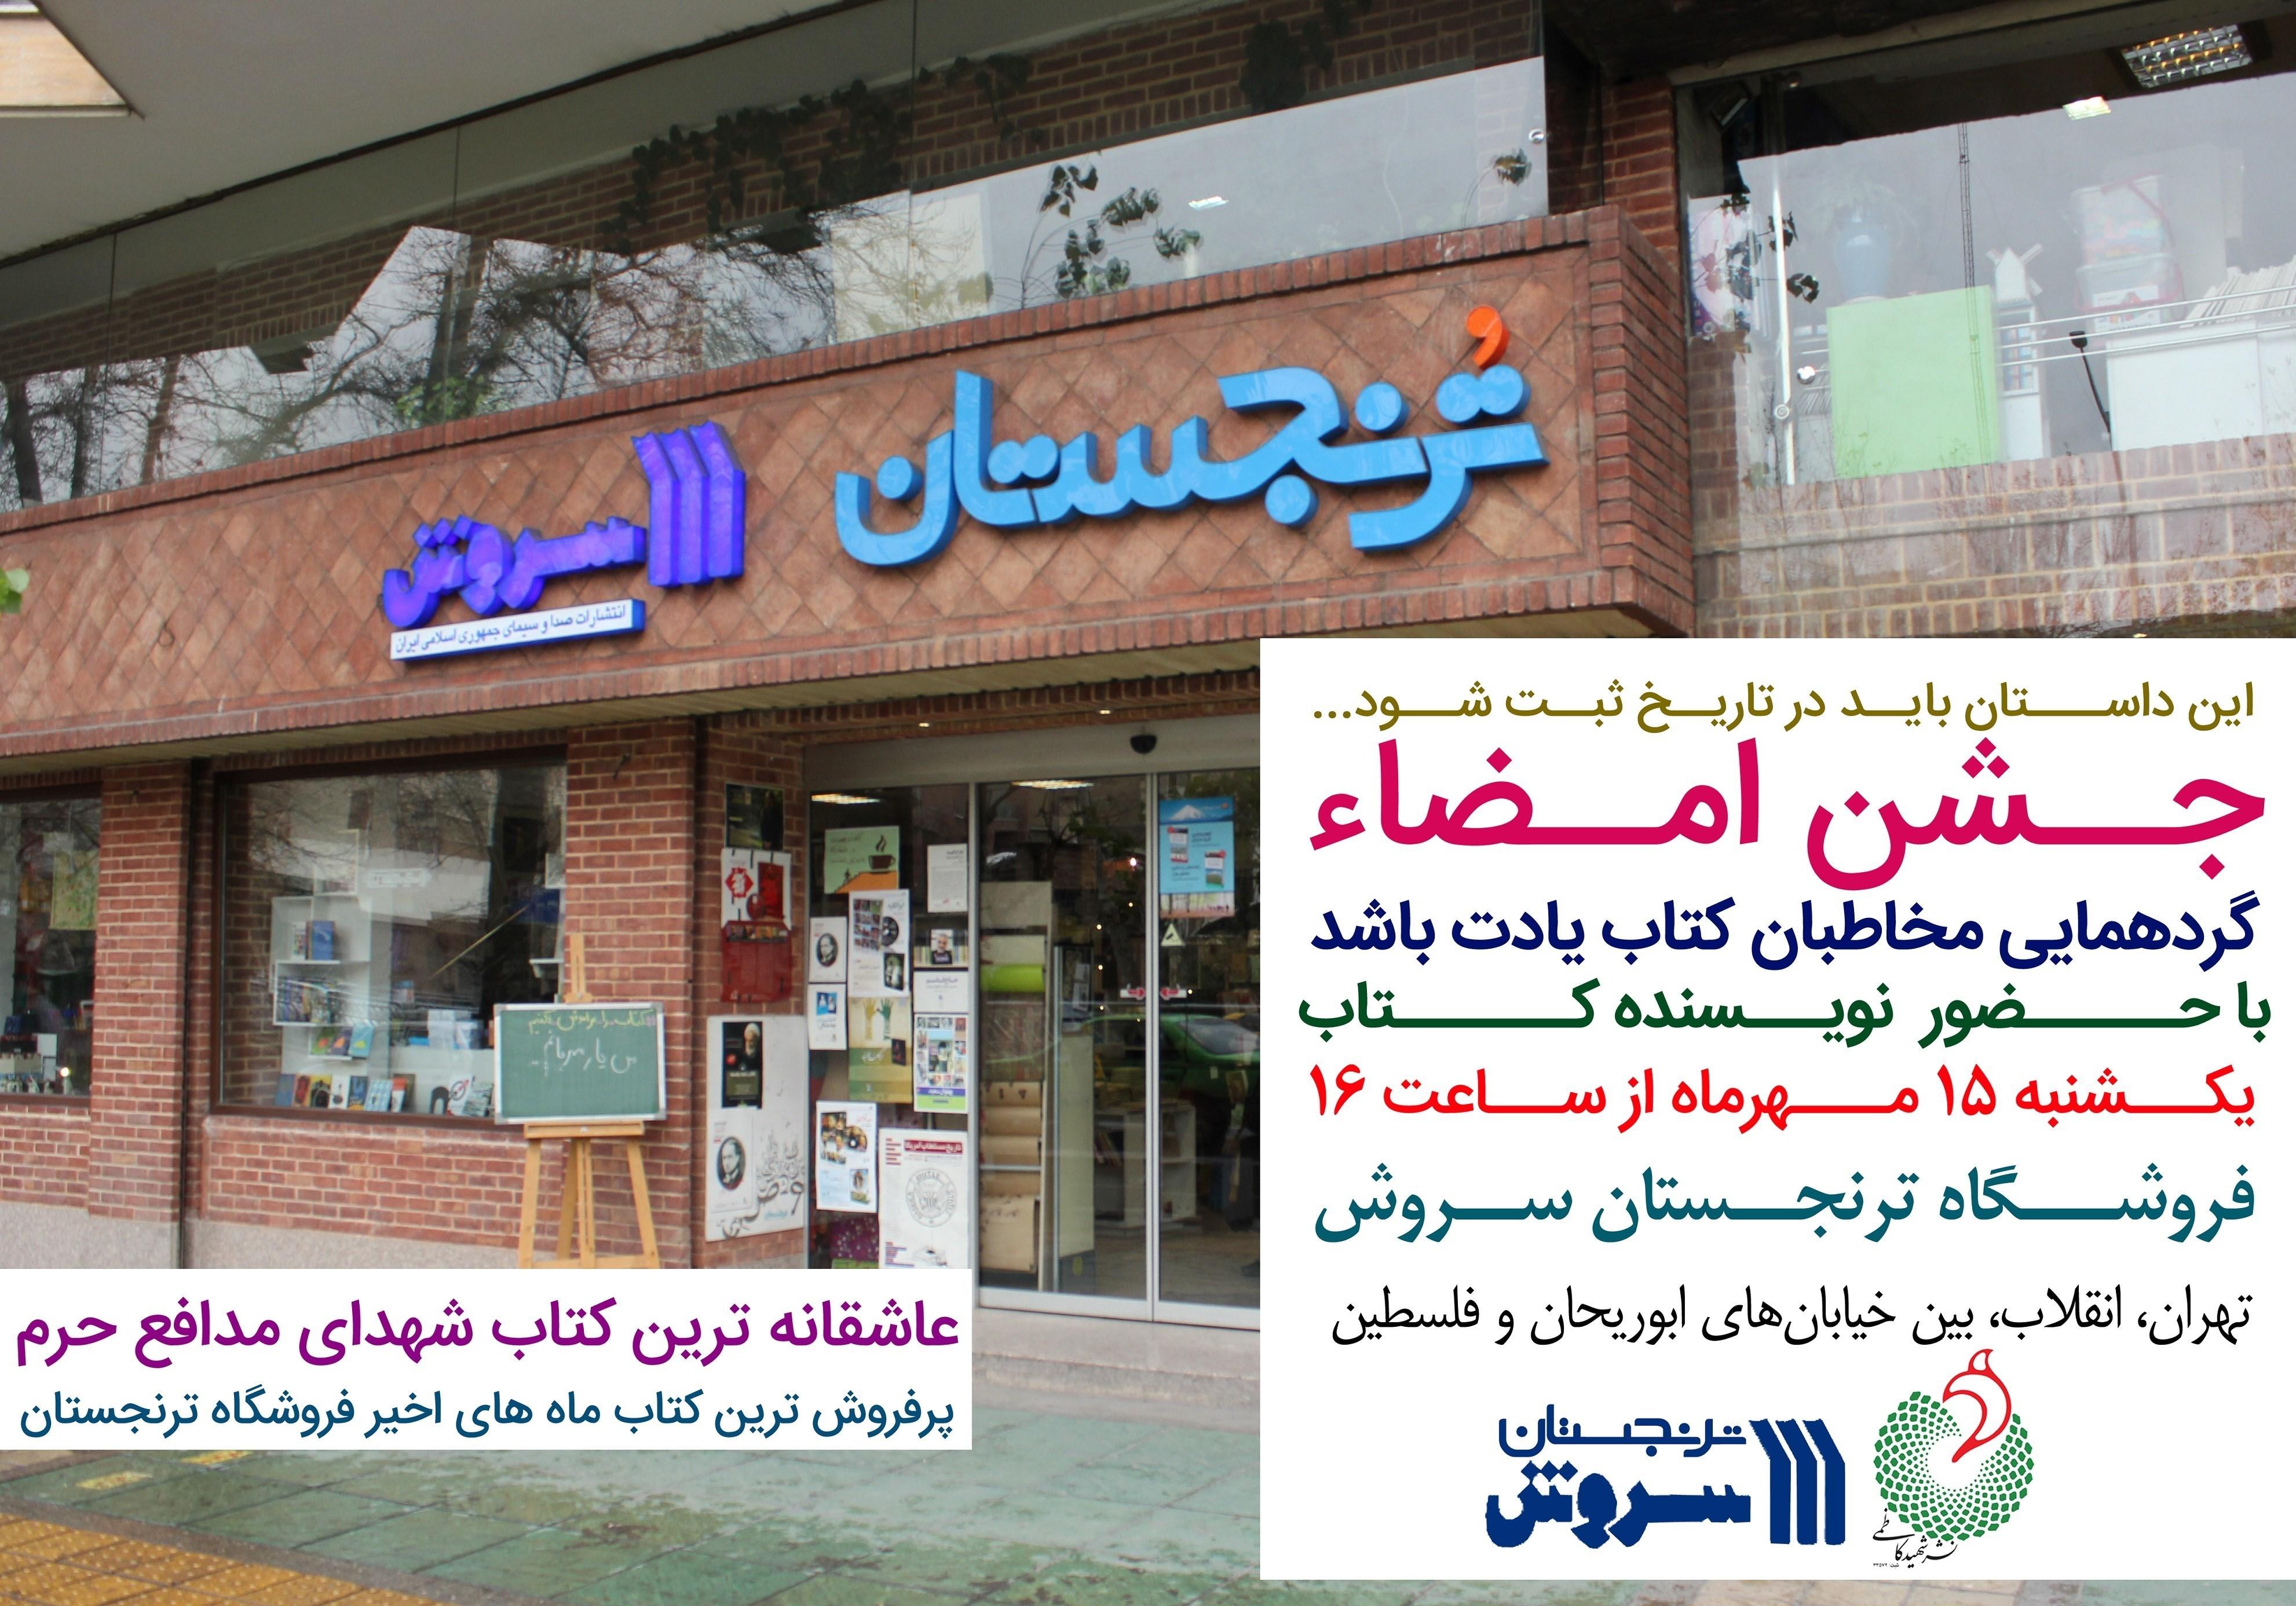 اسم مرضیه با طلا جشن امضای کتاب «یادت باشد» در ترنجستان سروش- اخبار فرهنگی ...